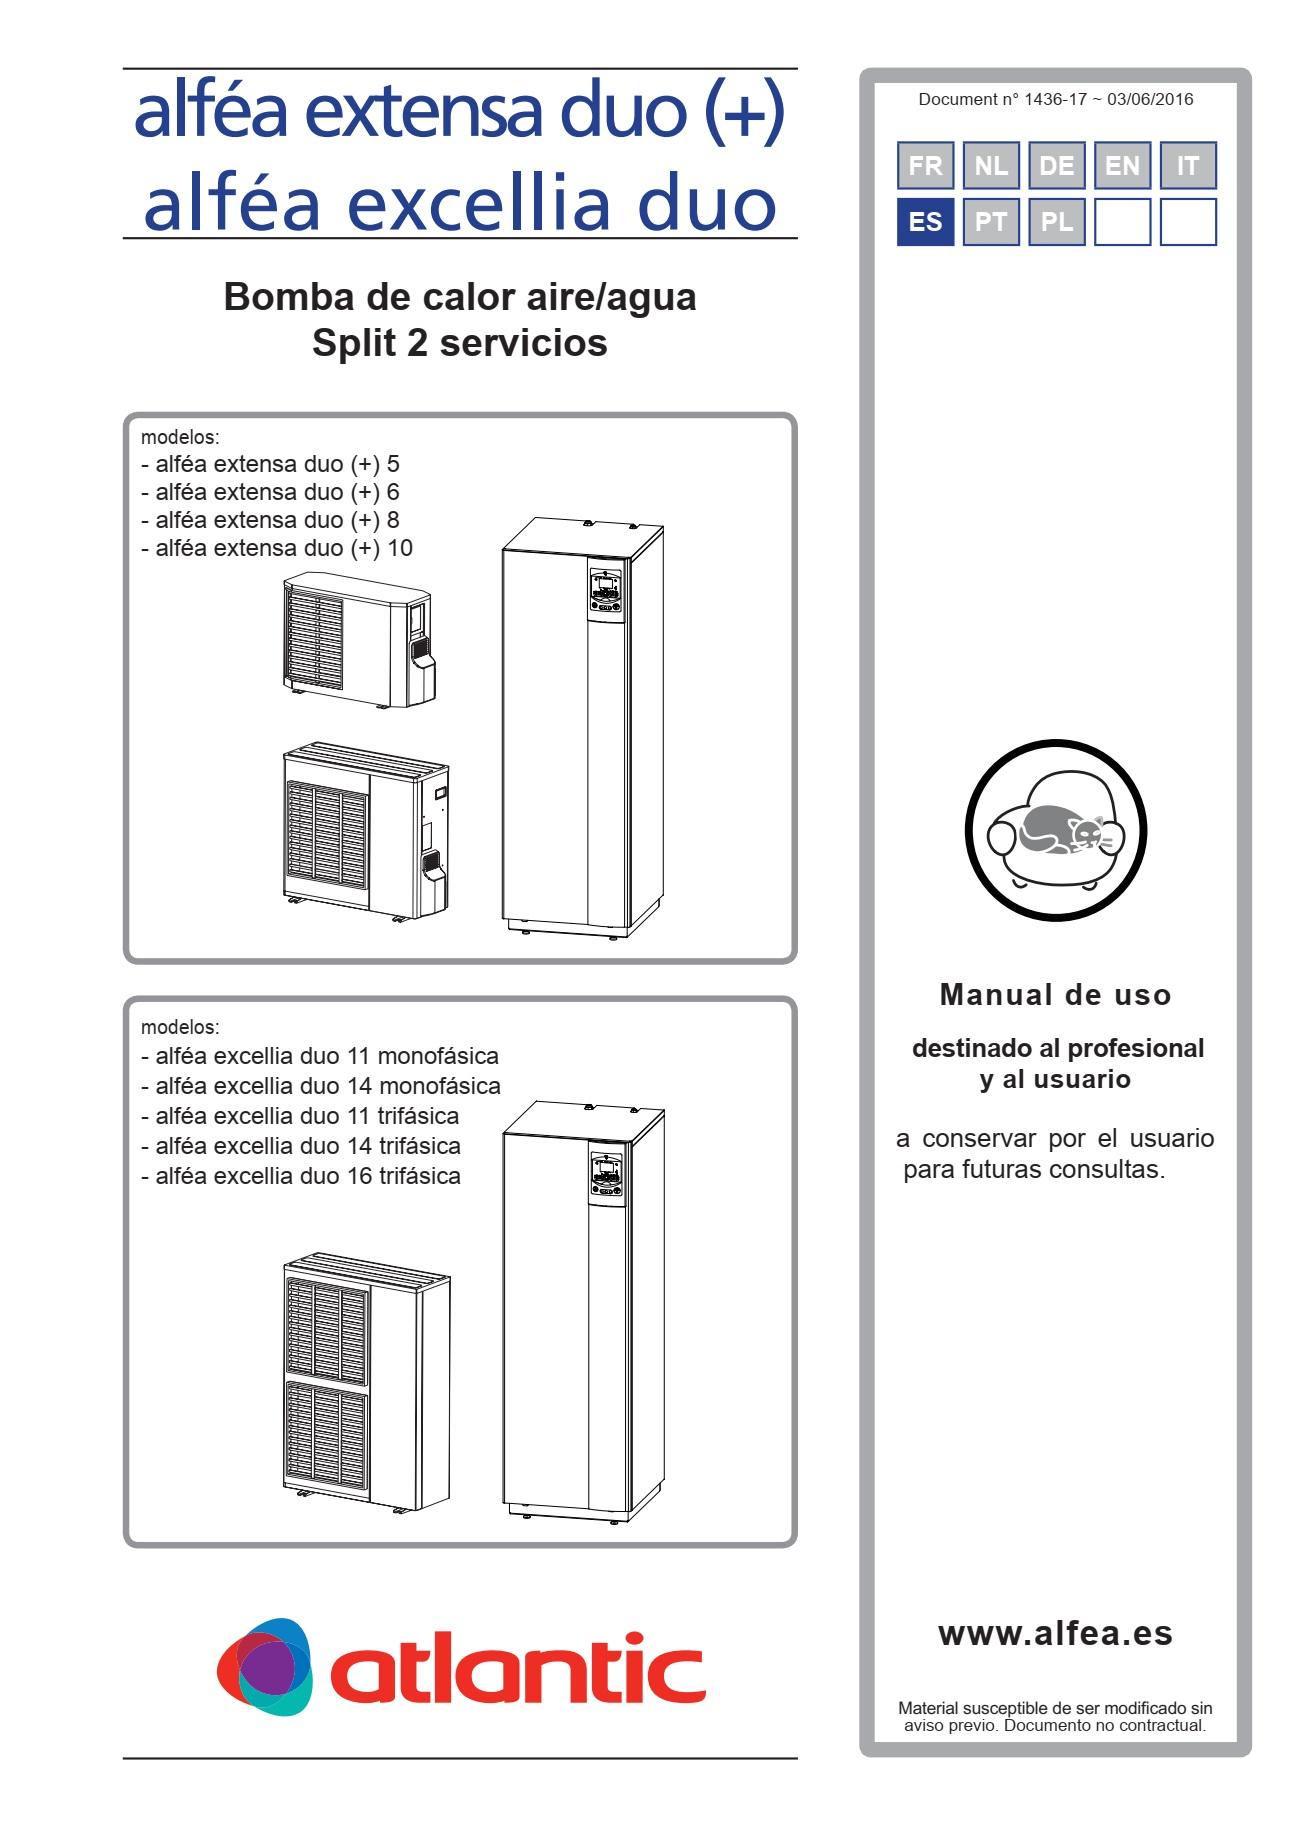 Manual de usuario Alfea excellia duo ai